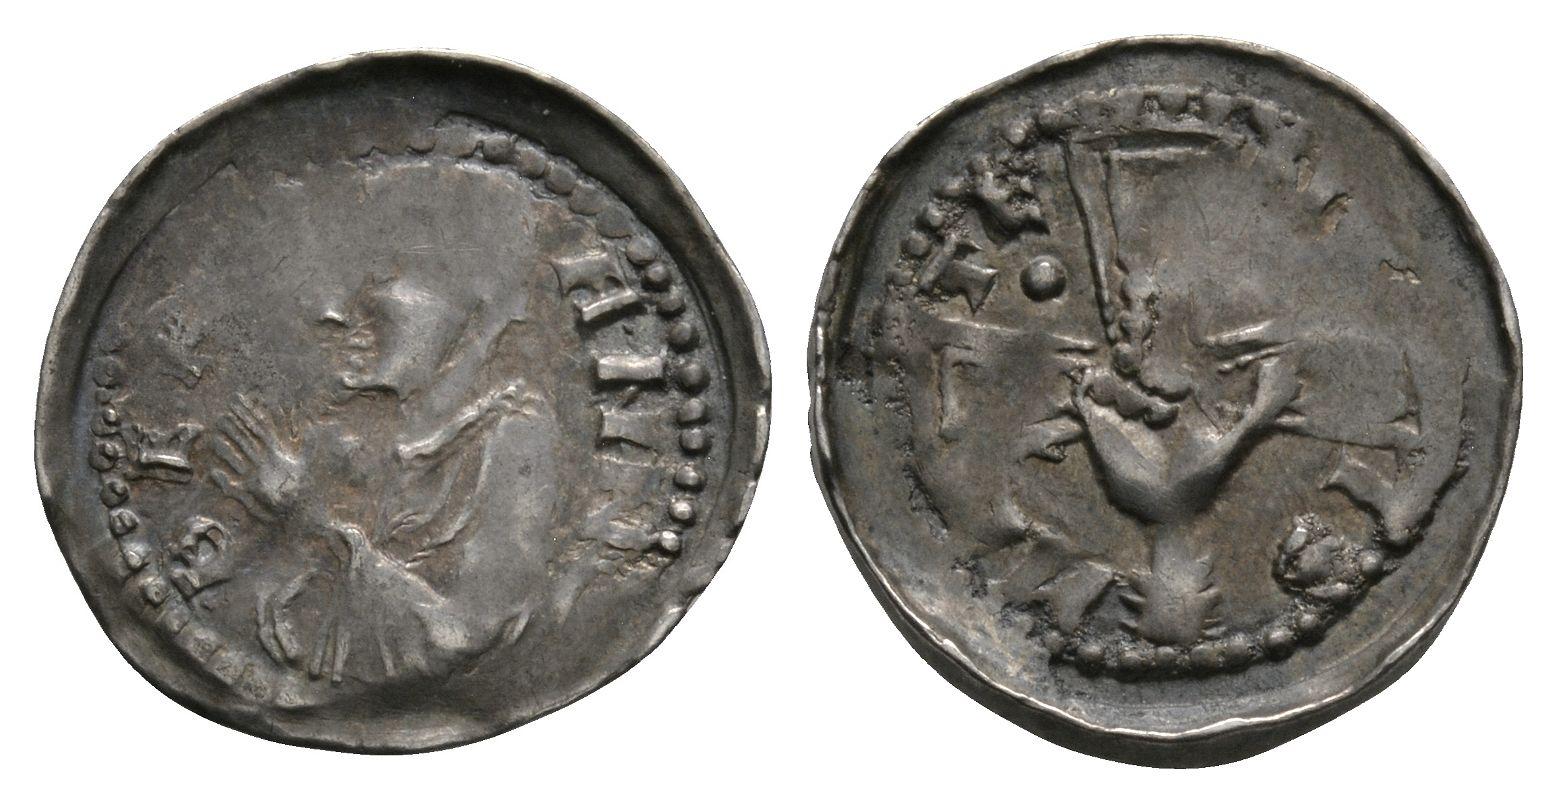 World Coins - France - Metz - Bishop Bertram - Denier